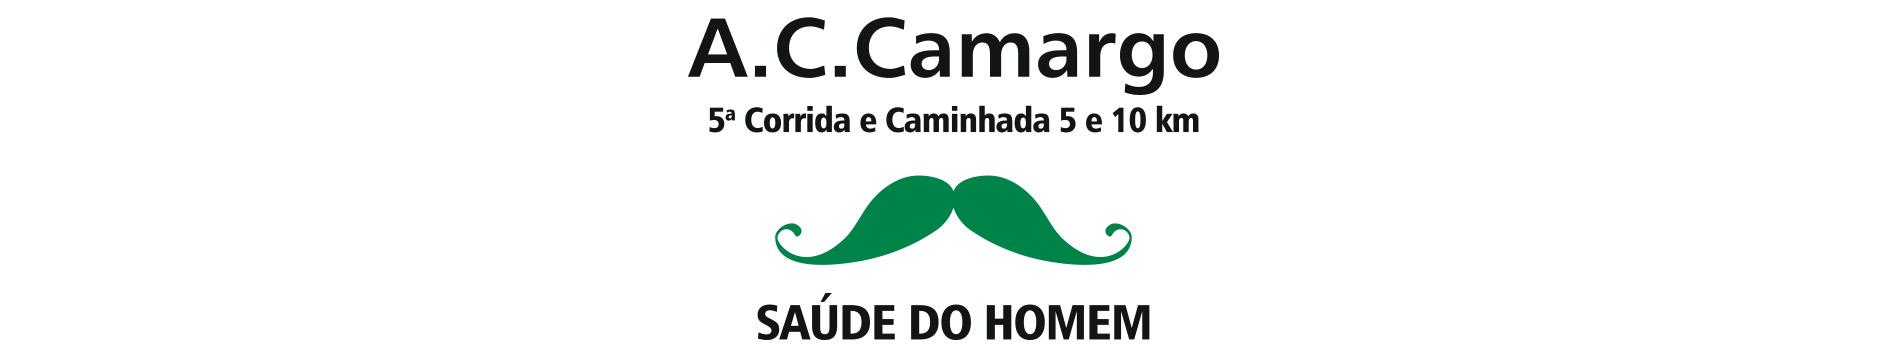 5ª CORRIDA E CAMINHADA 5 E 10KM A.C CAMARGO - SAÚDE DO HOMEM - Imagem de topo